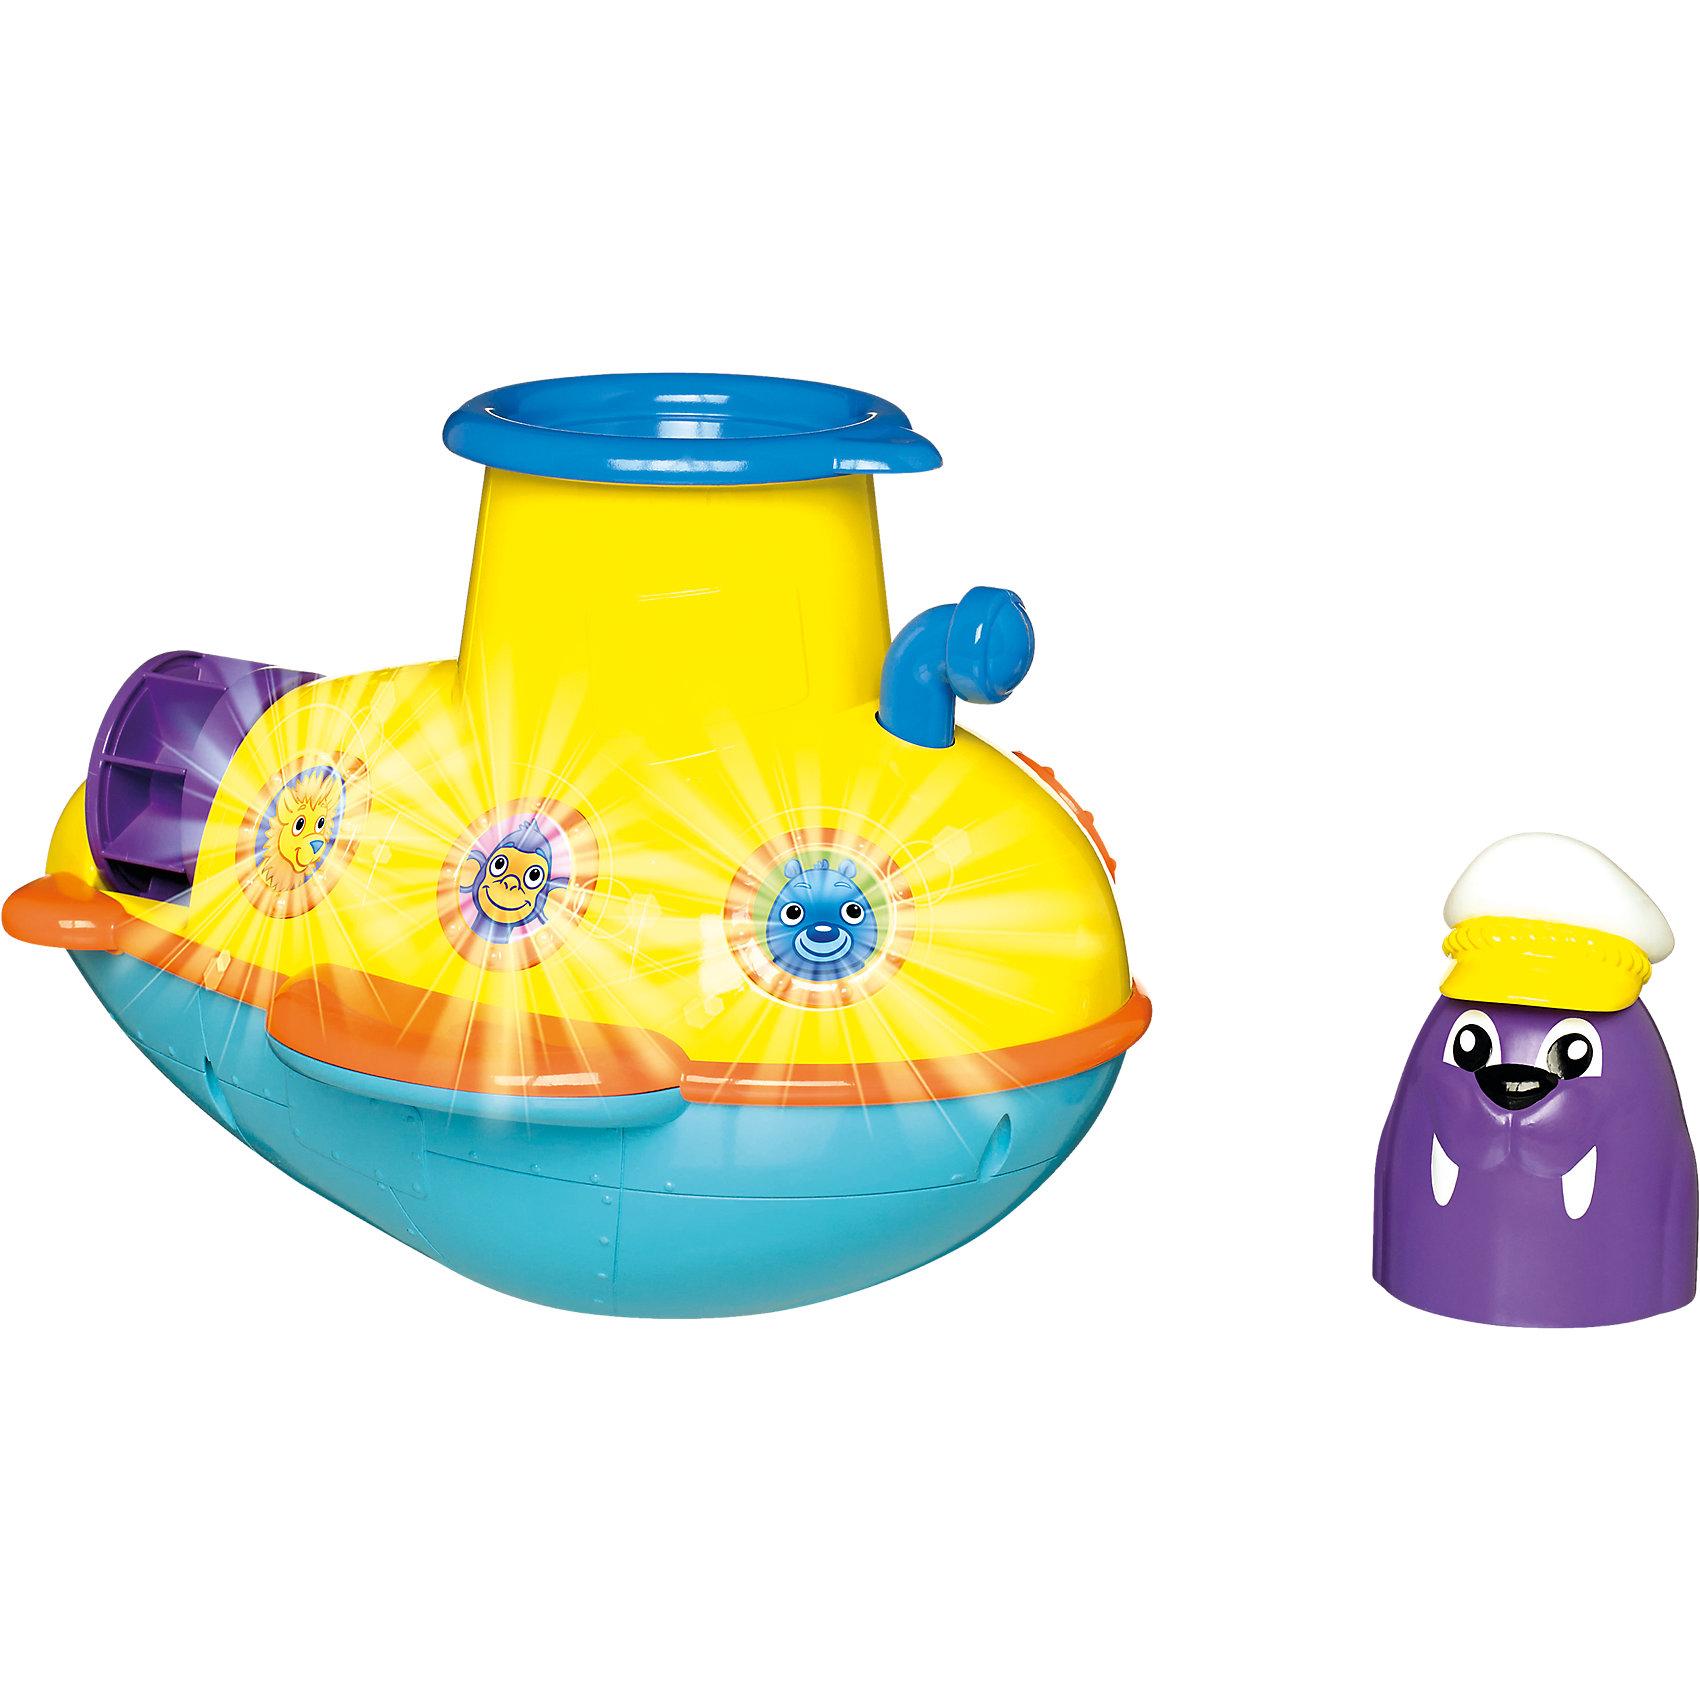 TOMY Игрушка  для ванной Подводная лодка, TOMY разноцветная мозаика для малышей самолет подводная лодка 2835